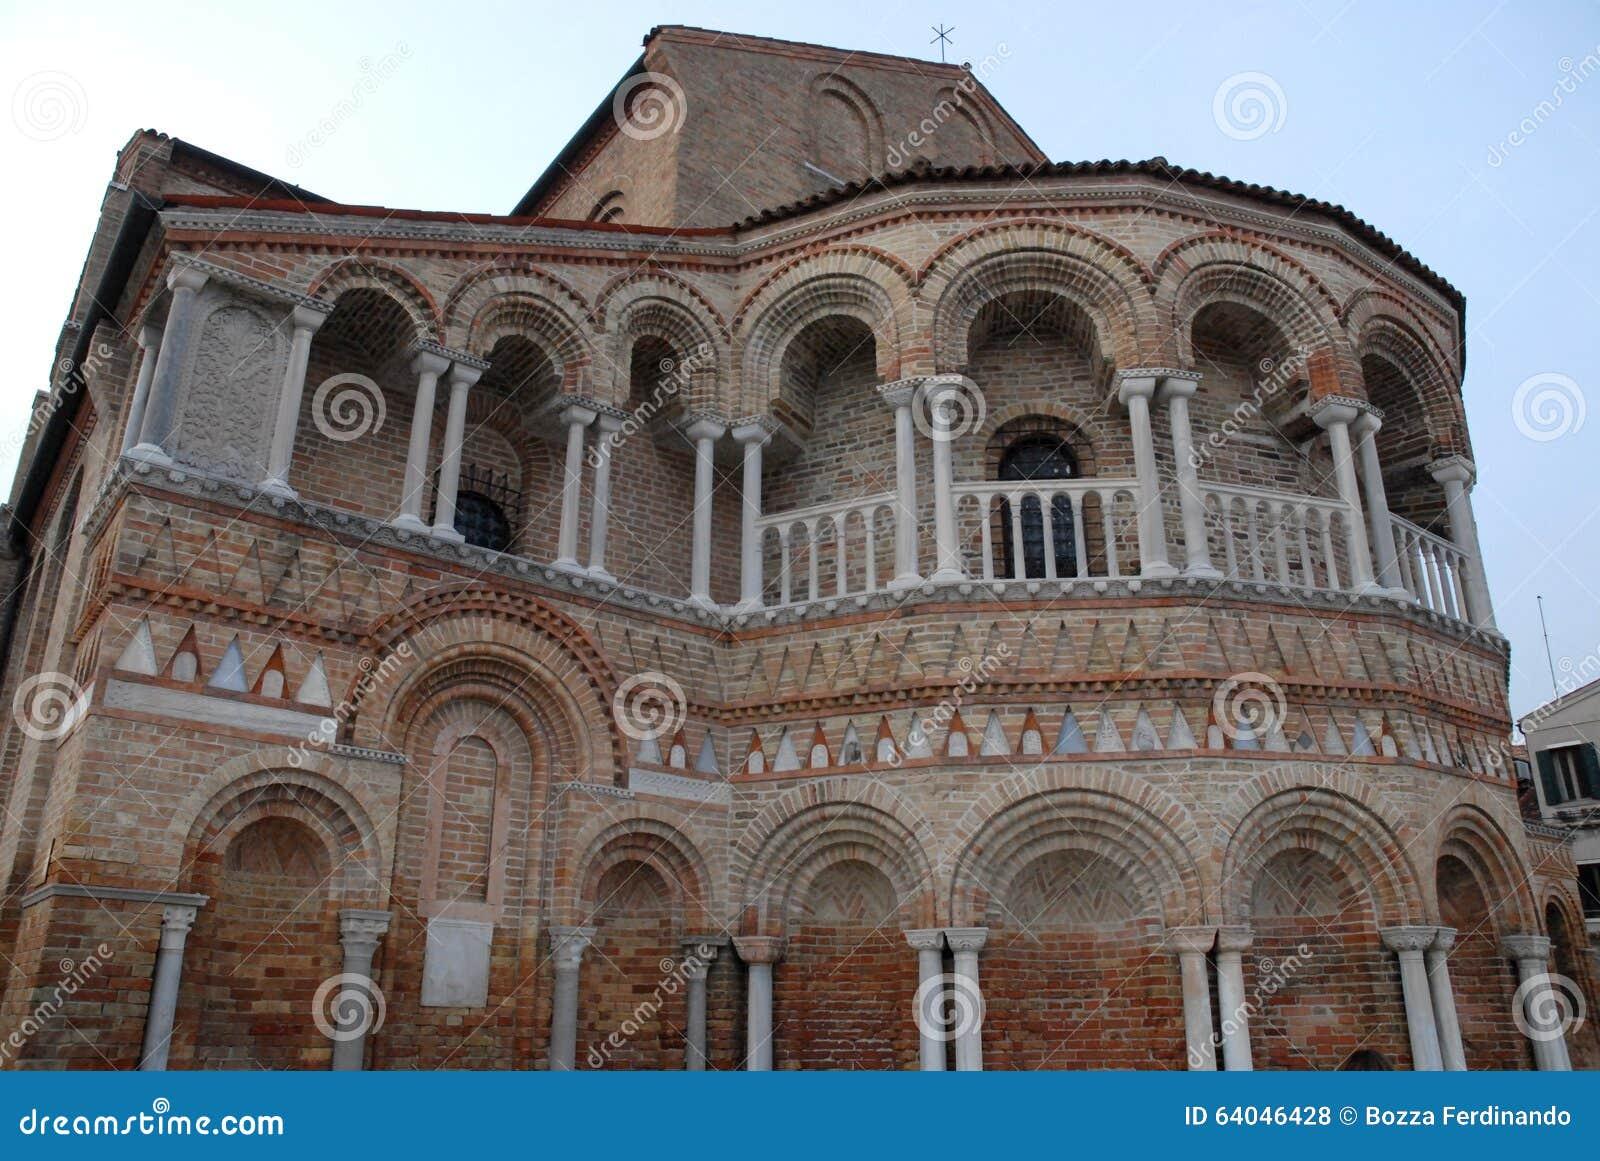 A parede exterior da abside da catedral de Murano na municipalidade de Veneza no Vêneto (Itália)